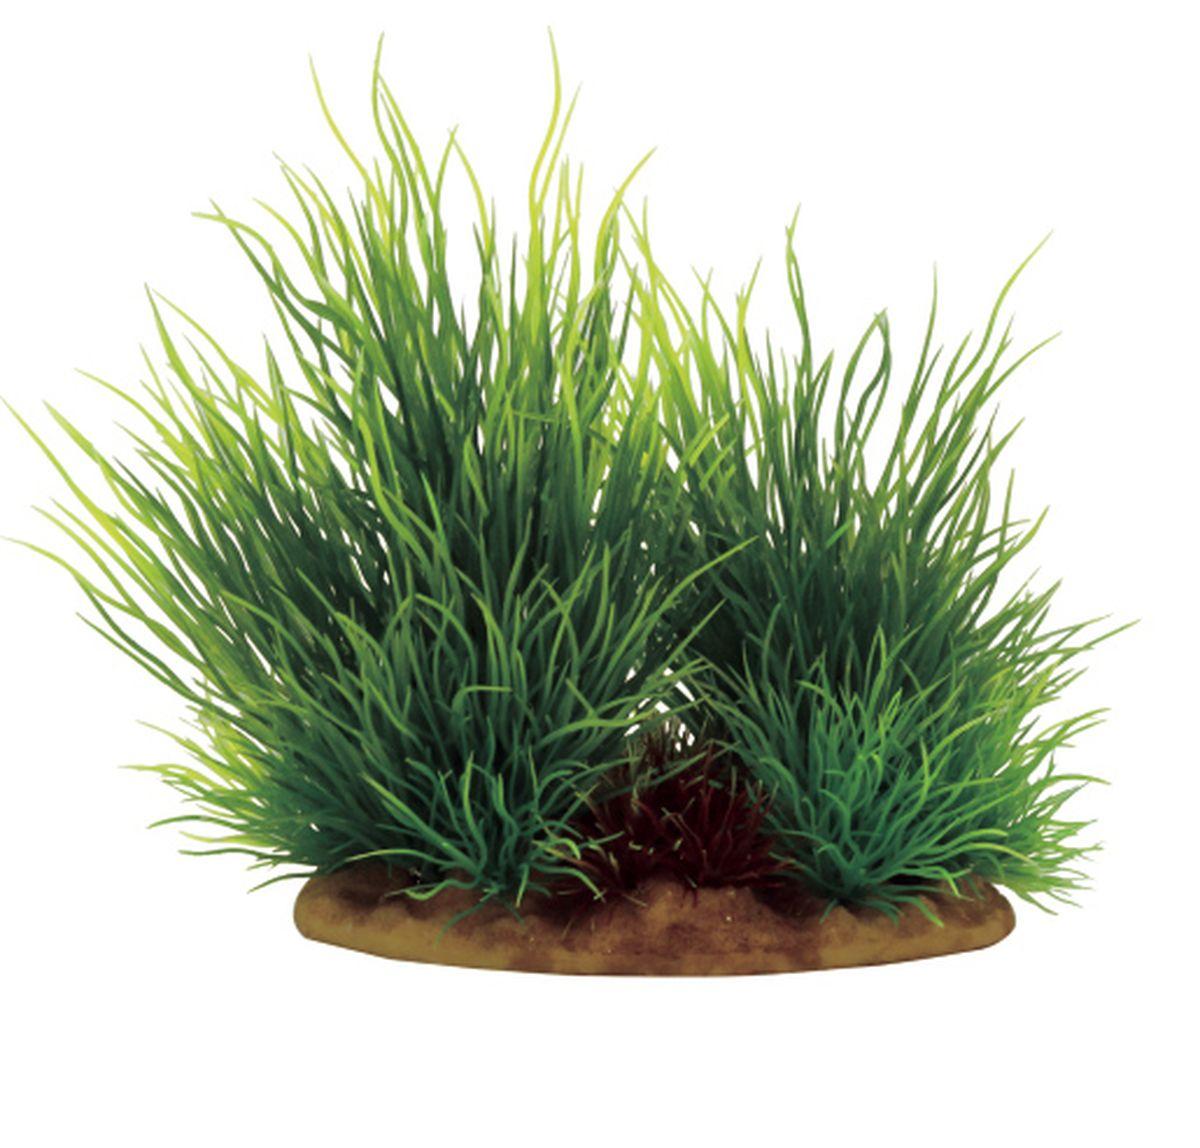 Растение для аквариума ArtUniq Ситняг, 15 x 10 x 15 смART-1130601Растение для аквариума ArtUniq Ситняг, 15 x 10 x 15 см